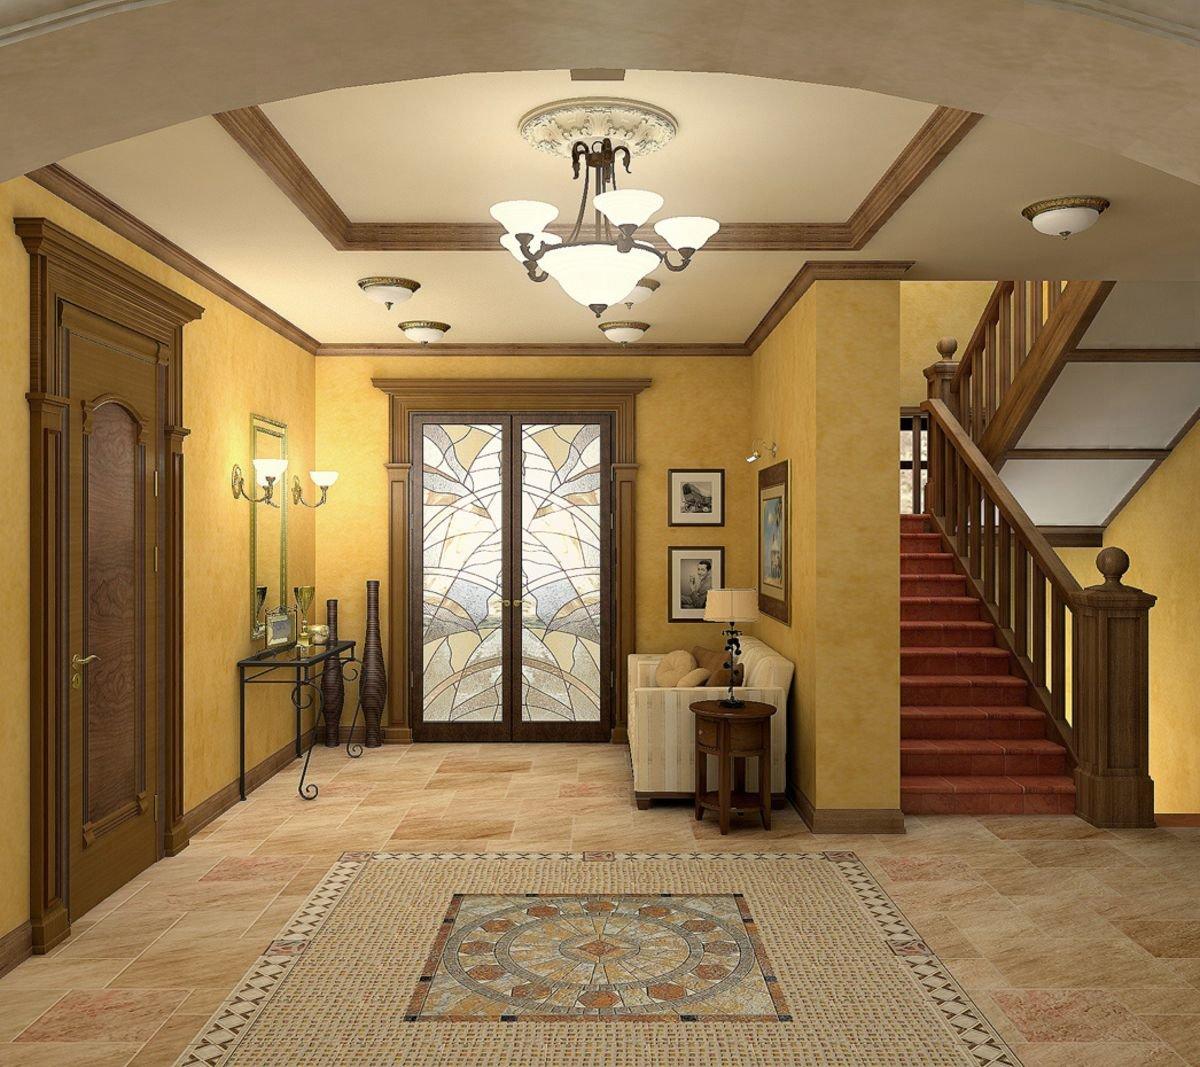 при выборе как выглядит холл в доме фото этом